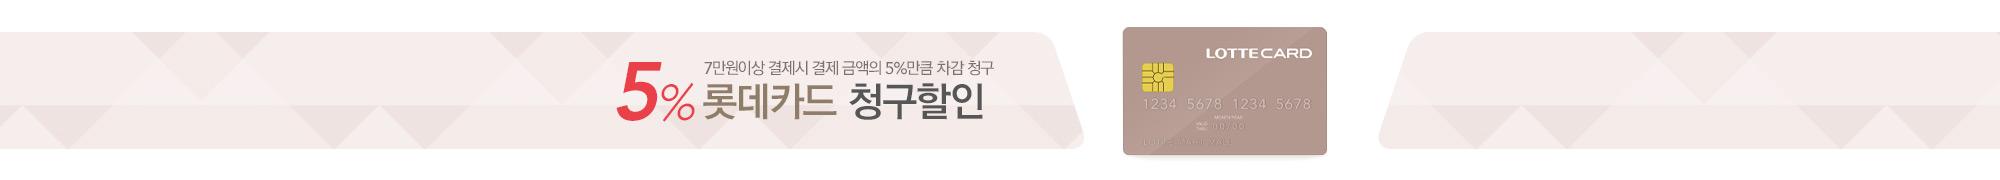 롯데/삼성카드 5%청구할인